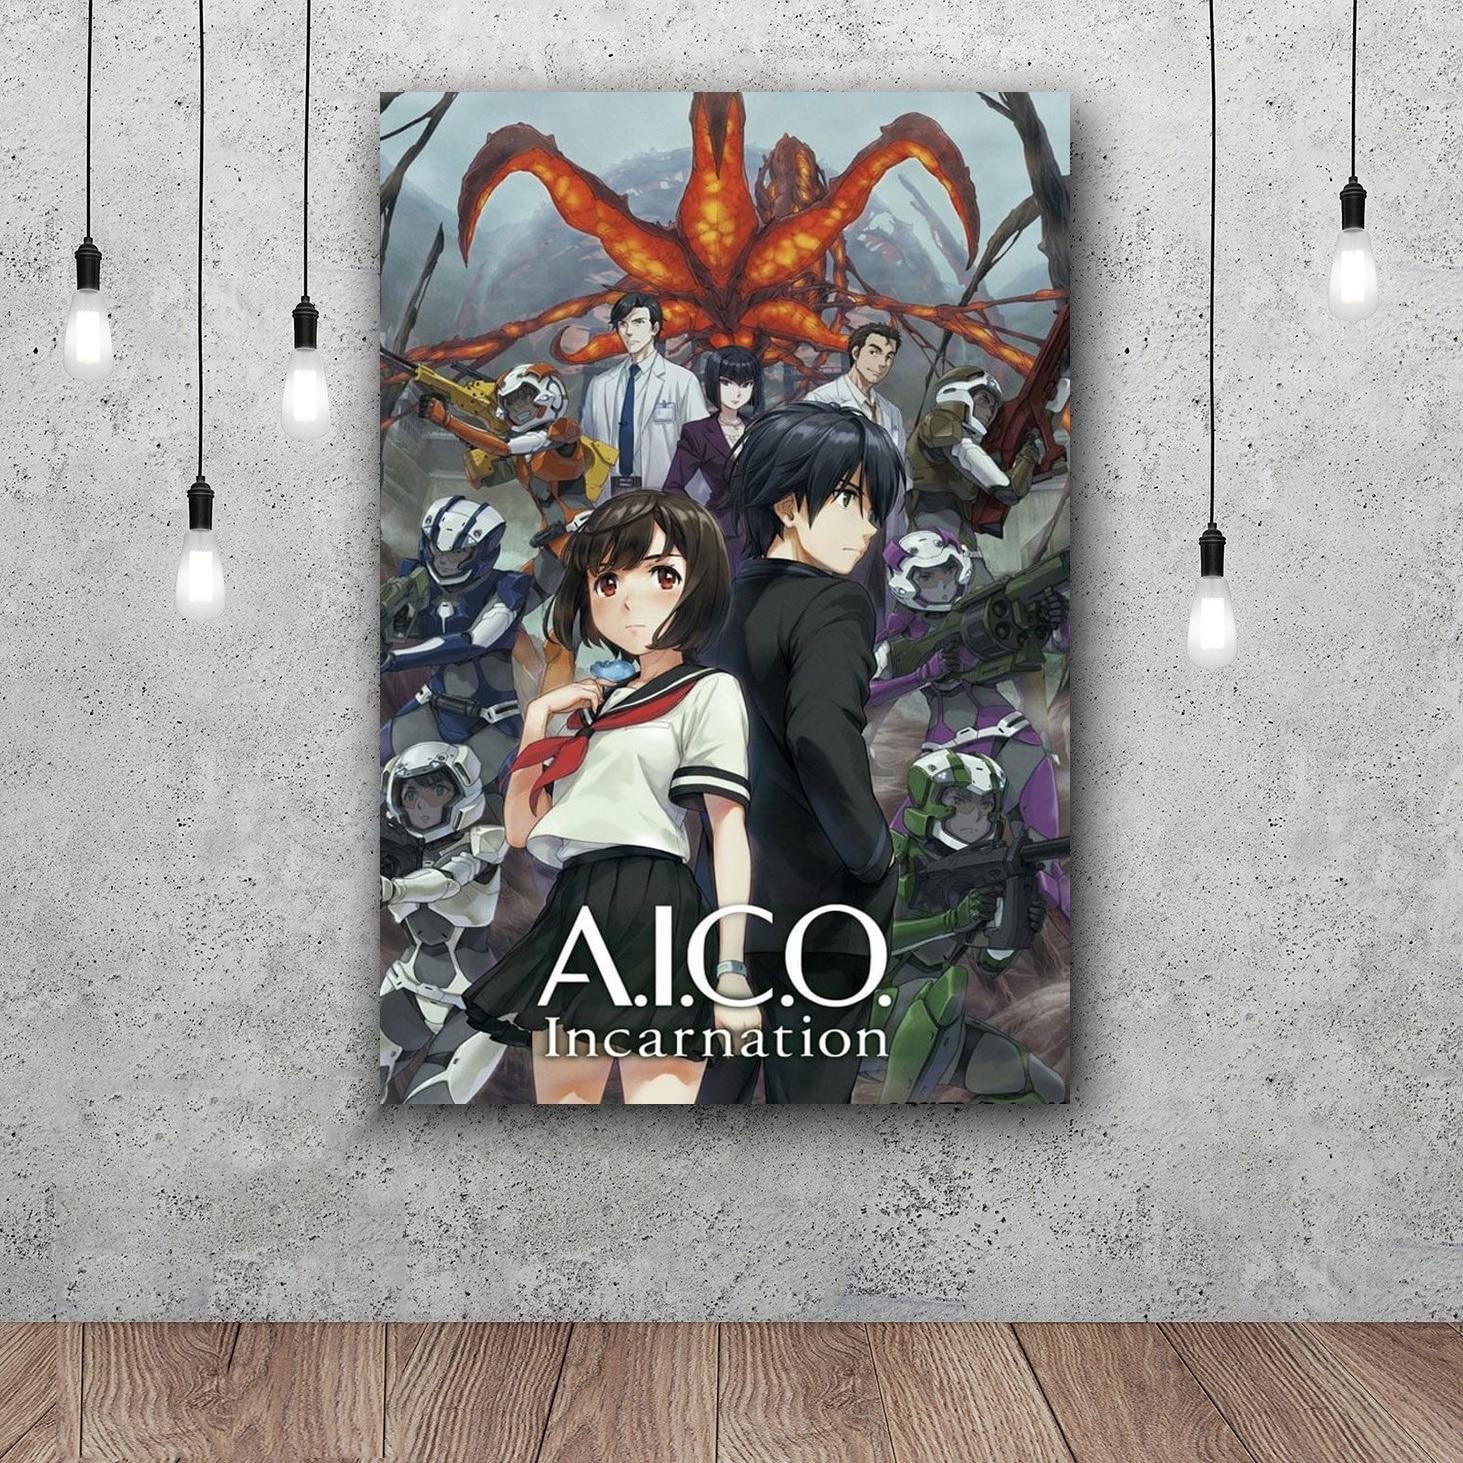 A.i.c.o. Воплощение Книги по искусству Шелковый плакат home decor 12x18 24x36 дюймов